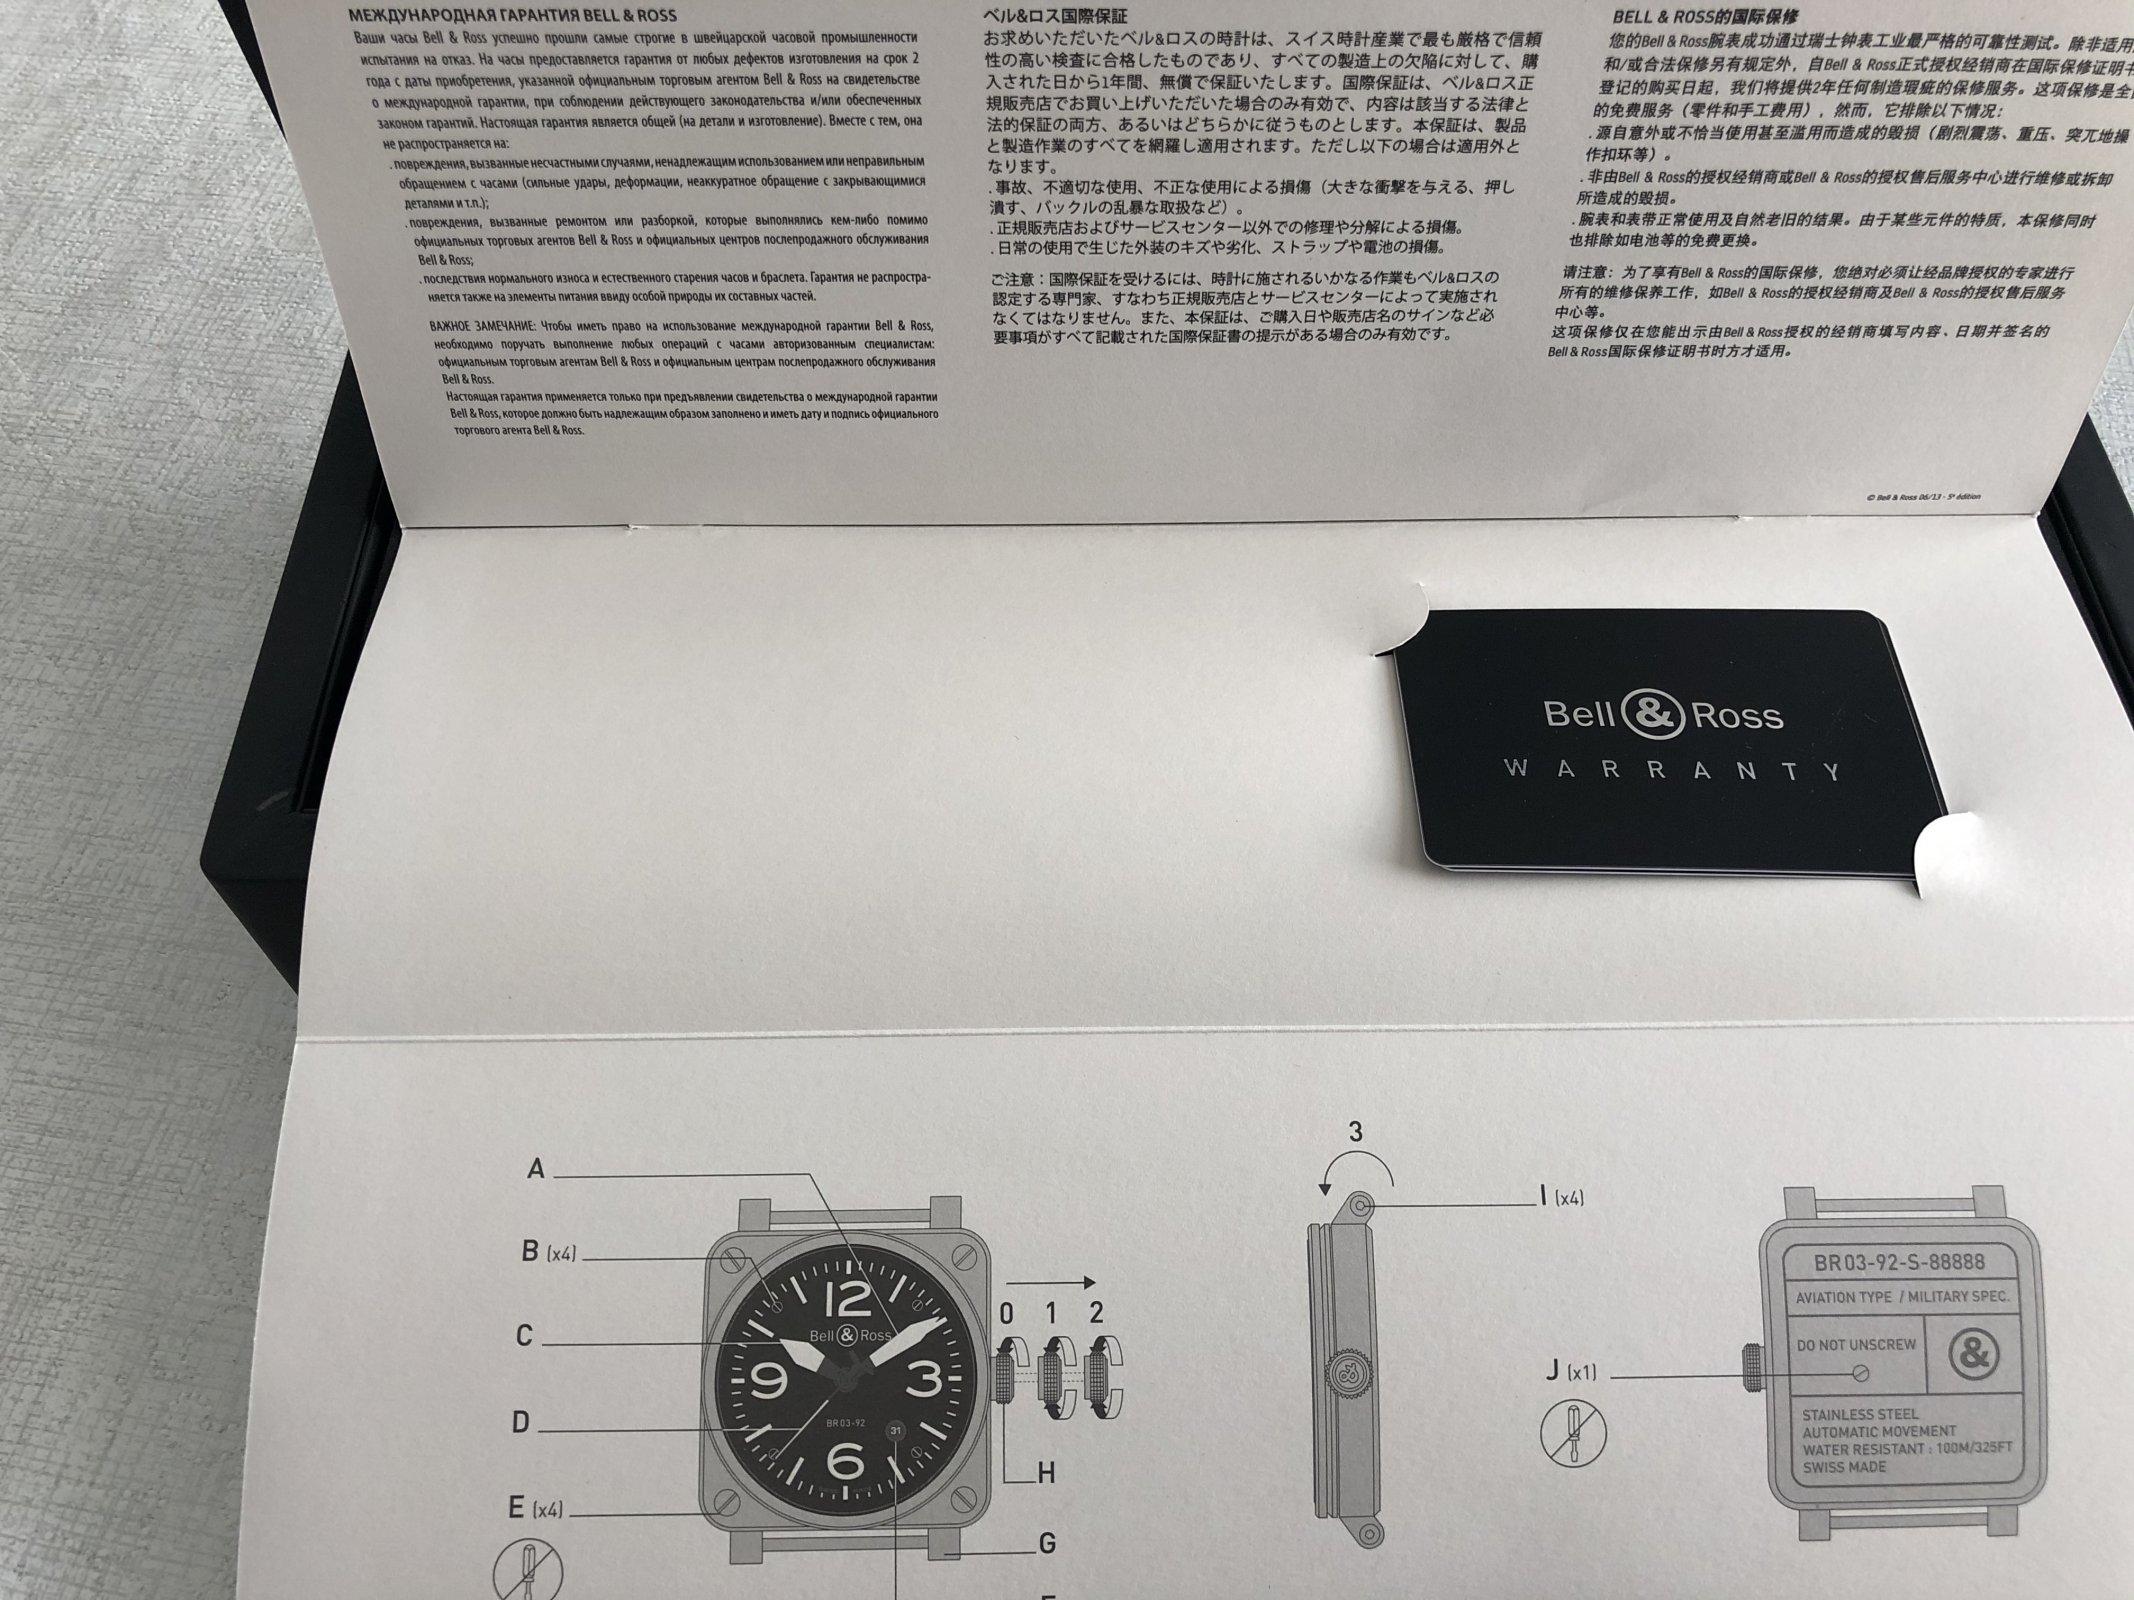 CC5DFE9F-D202-4A65-AE0B-FF943EEC46D2.jpeg